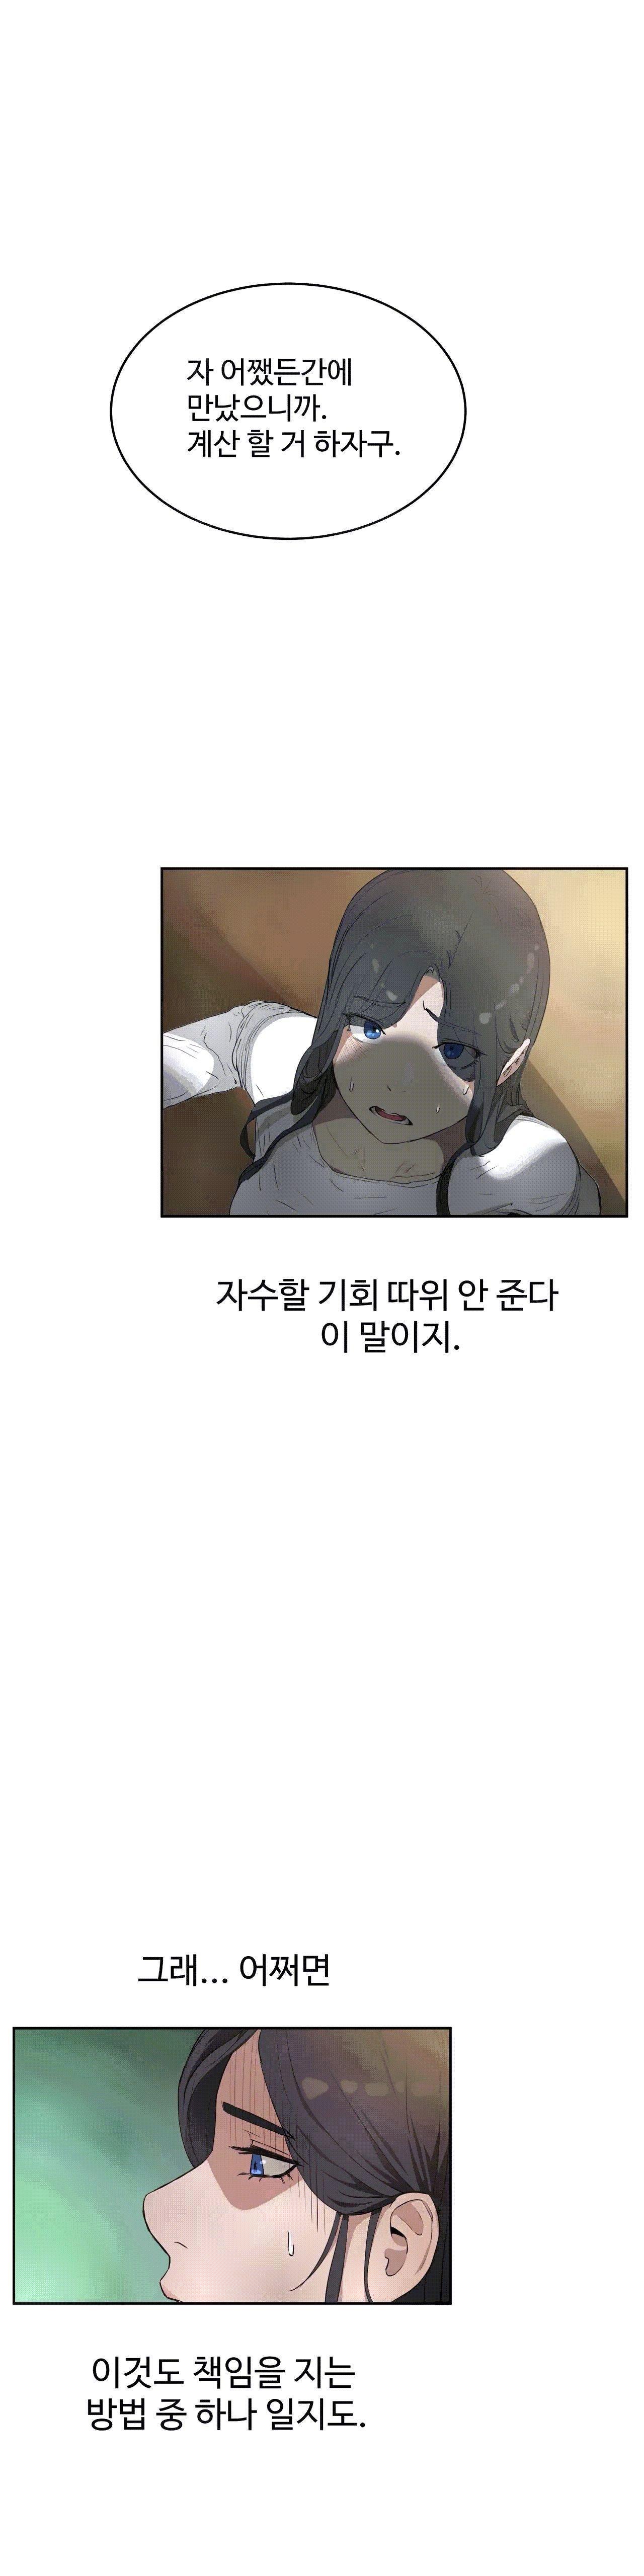 性教育 1-48.5 中文翻译(完結) 402